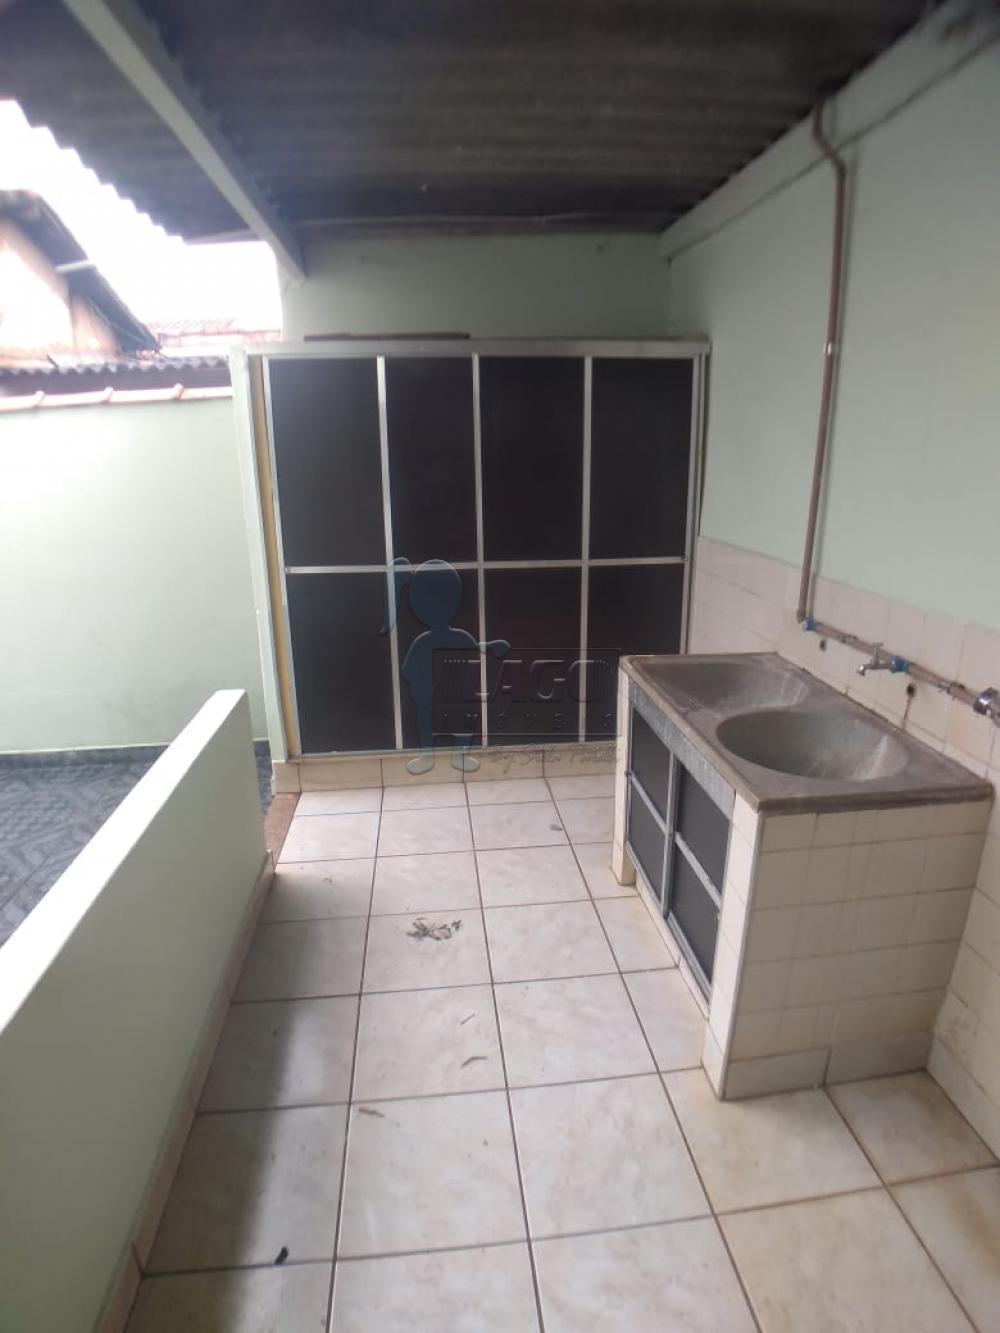 Comprar Casas / Padrão em Ribeirão Preto apenas R$ 335.000,00 - Foto 12